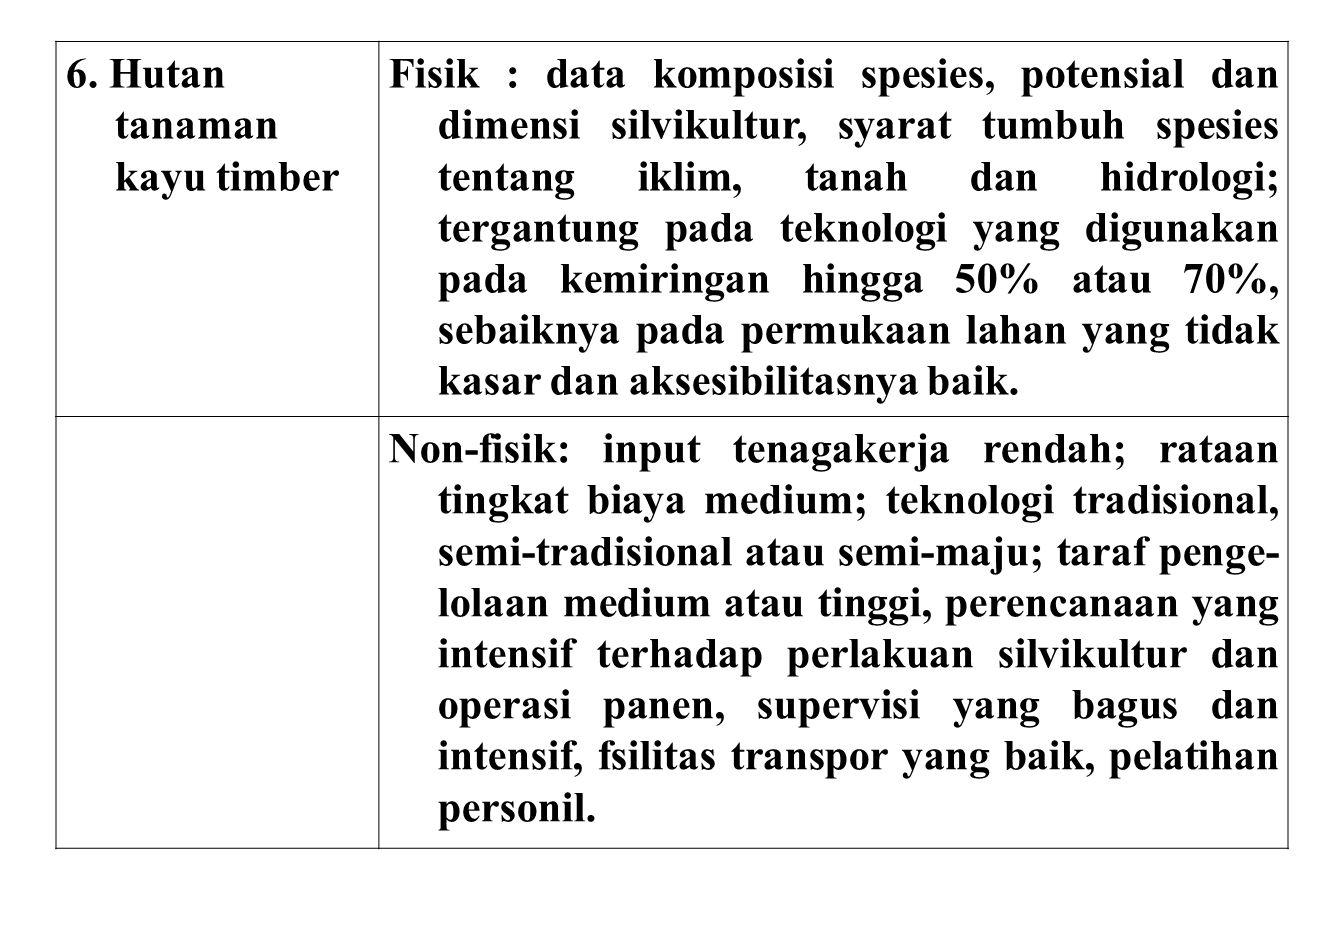 6. Hutan tanaman kayu timber Fisik : data komposisi spesies, potensial dan dimensi silvikultur, syarat tumbuh spesies tentang iklim, tanah dan hidrolo